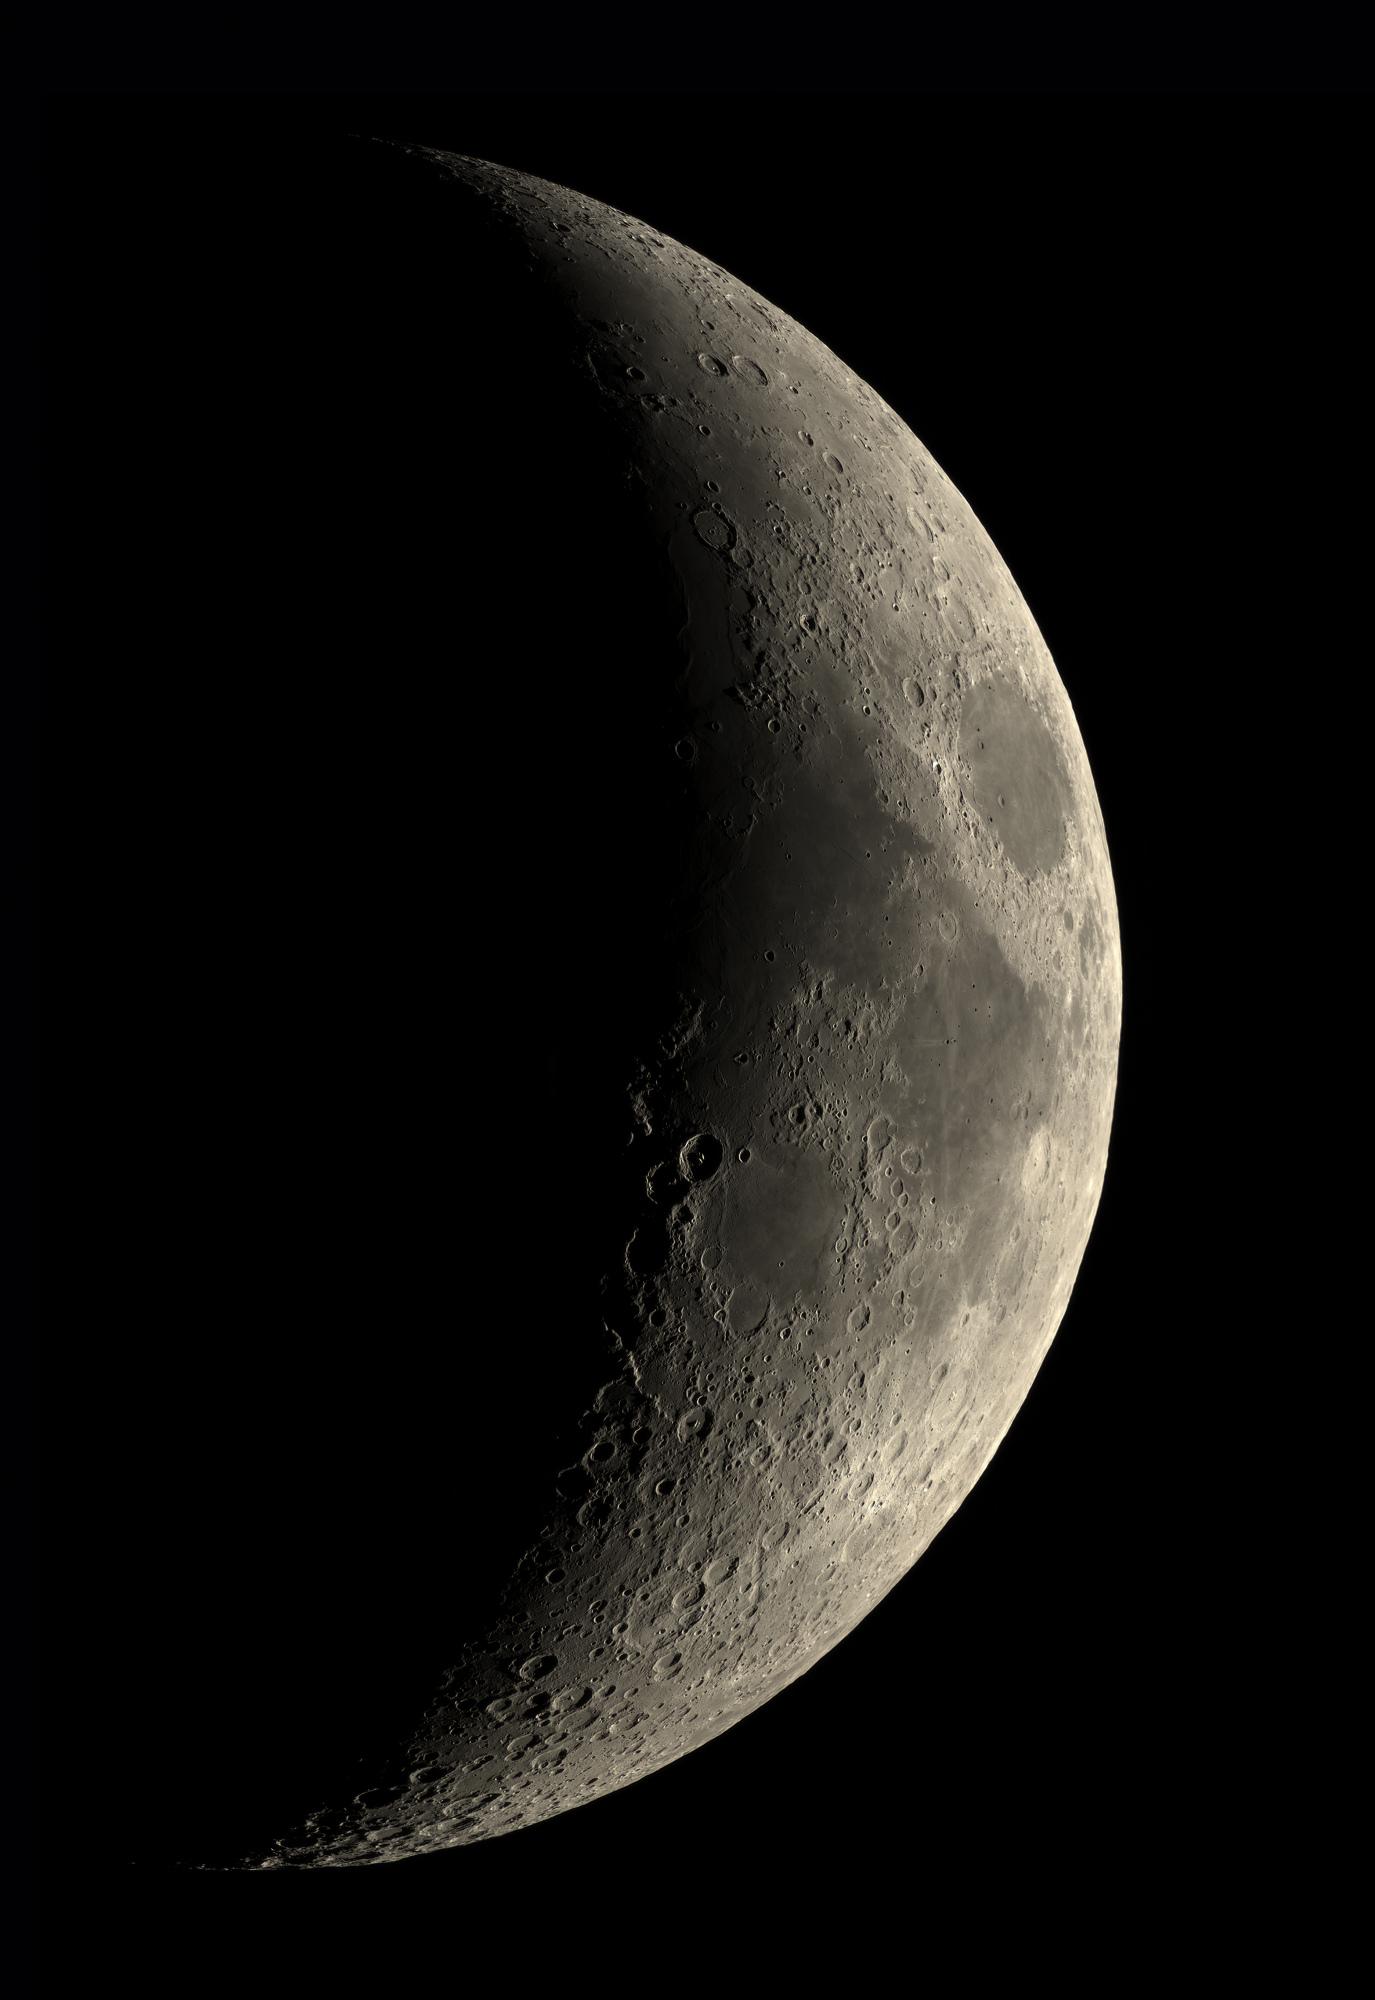 5ed16598a445b_lune270520(C8-Foyer-100)c.thumb.jpg.49e77b9c017a44253132e39efe0492cb.jpg